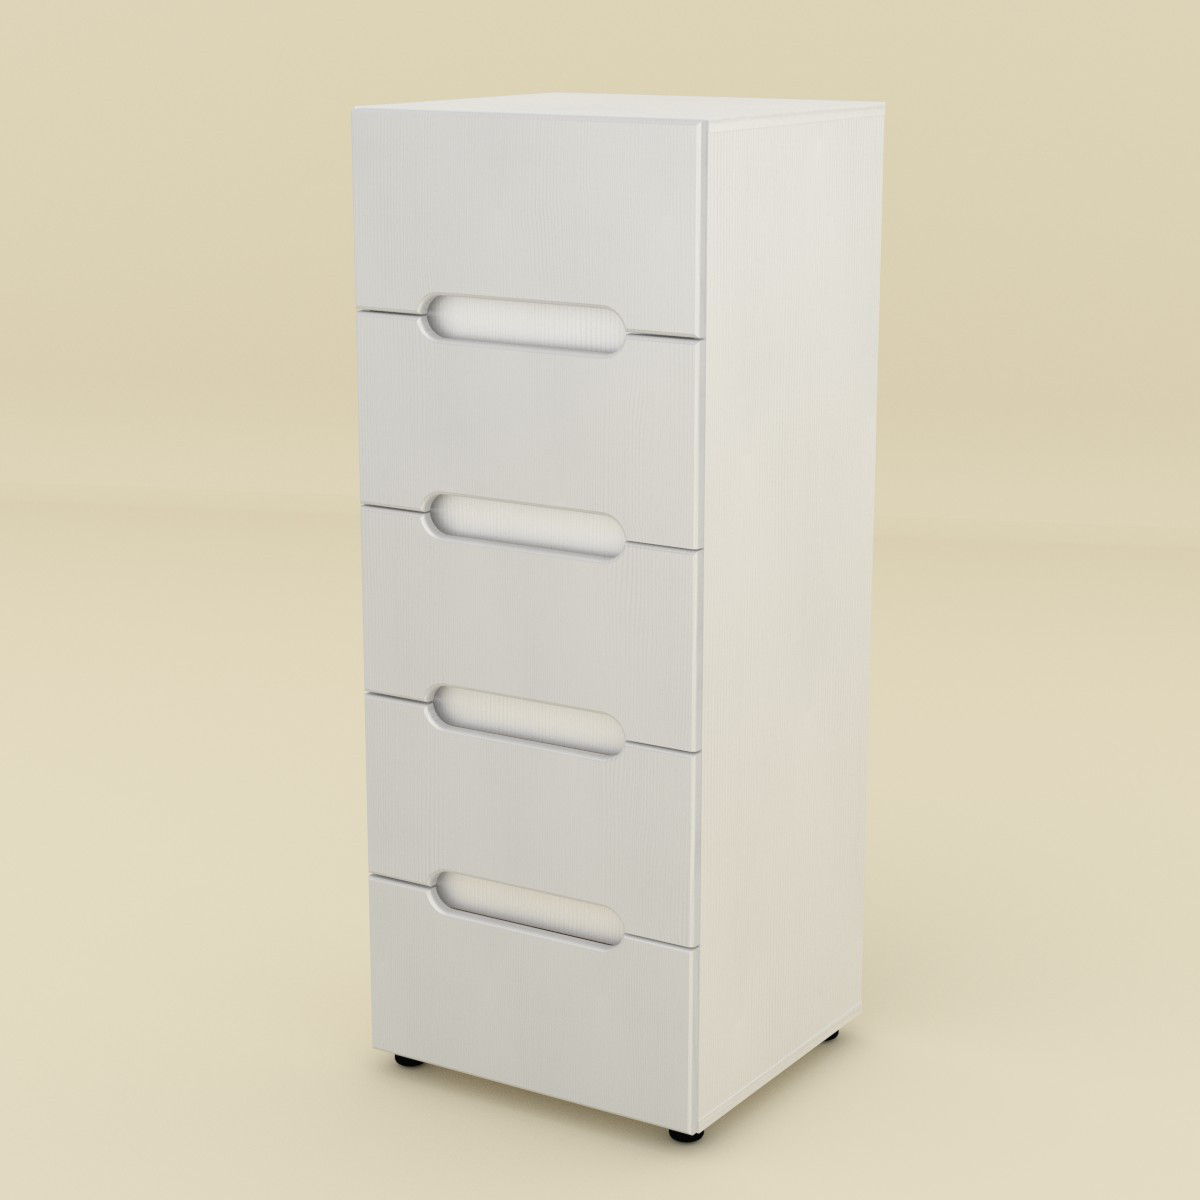 Комод МС-8 МДФ нимфея альба (белый) Компанит (50х46х127 см)